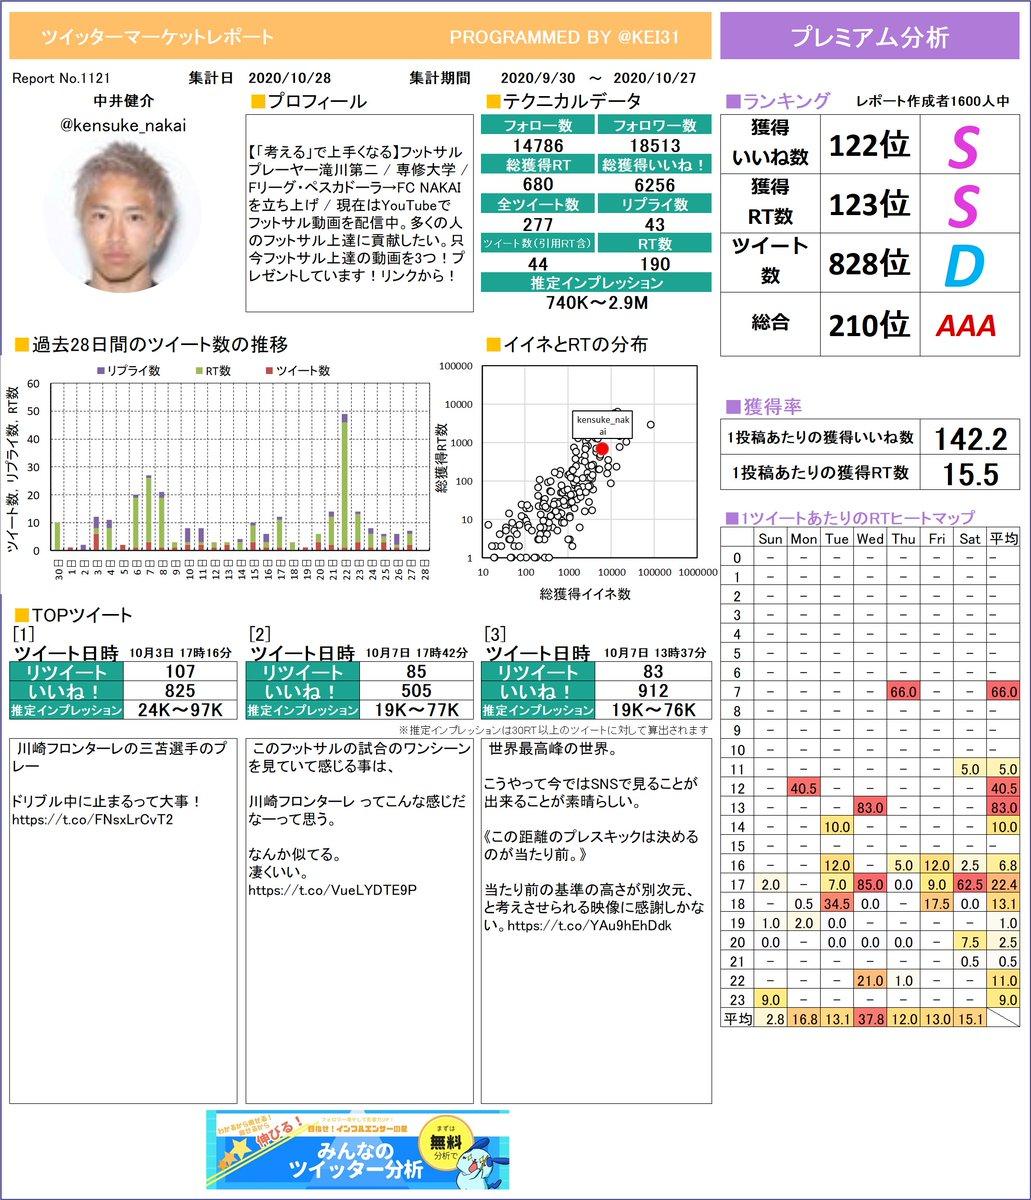 @kensuke_nakai 中井健介さんのレポート作りました!今月のつぶやきはどうでしたか?このまま来月も頑張りましょう!プレミアム版もあるよ≫